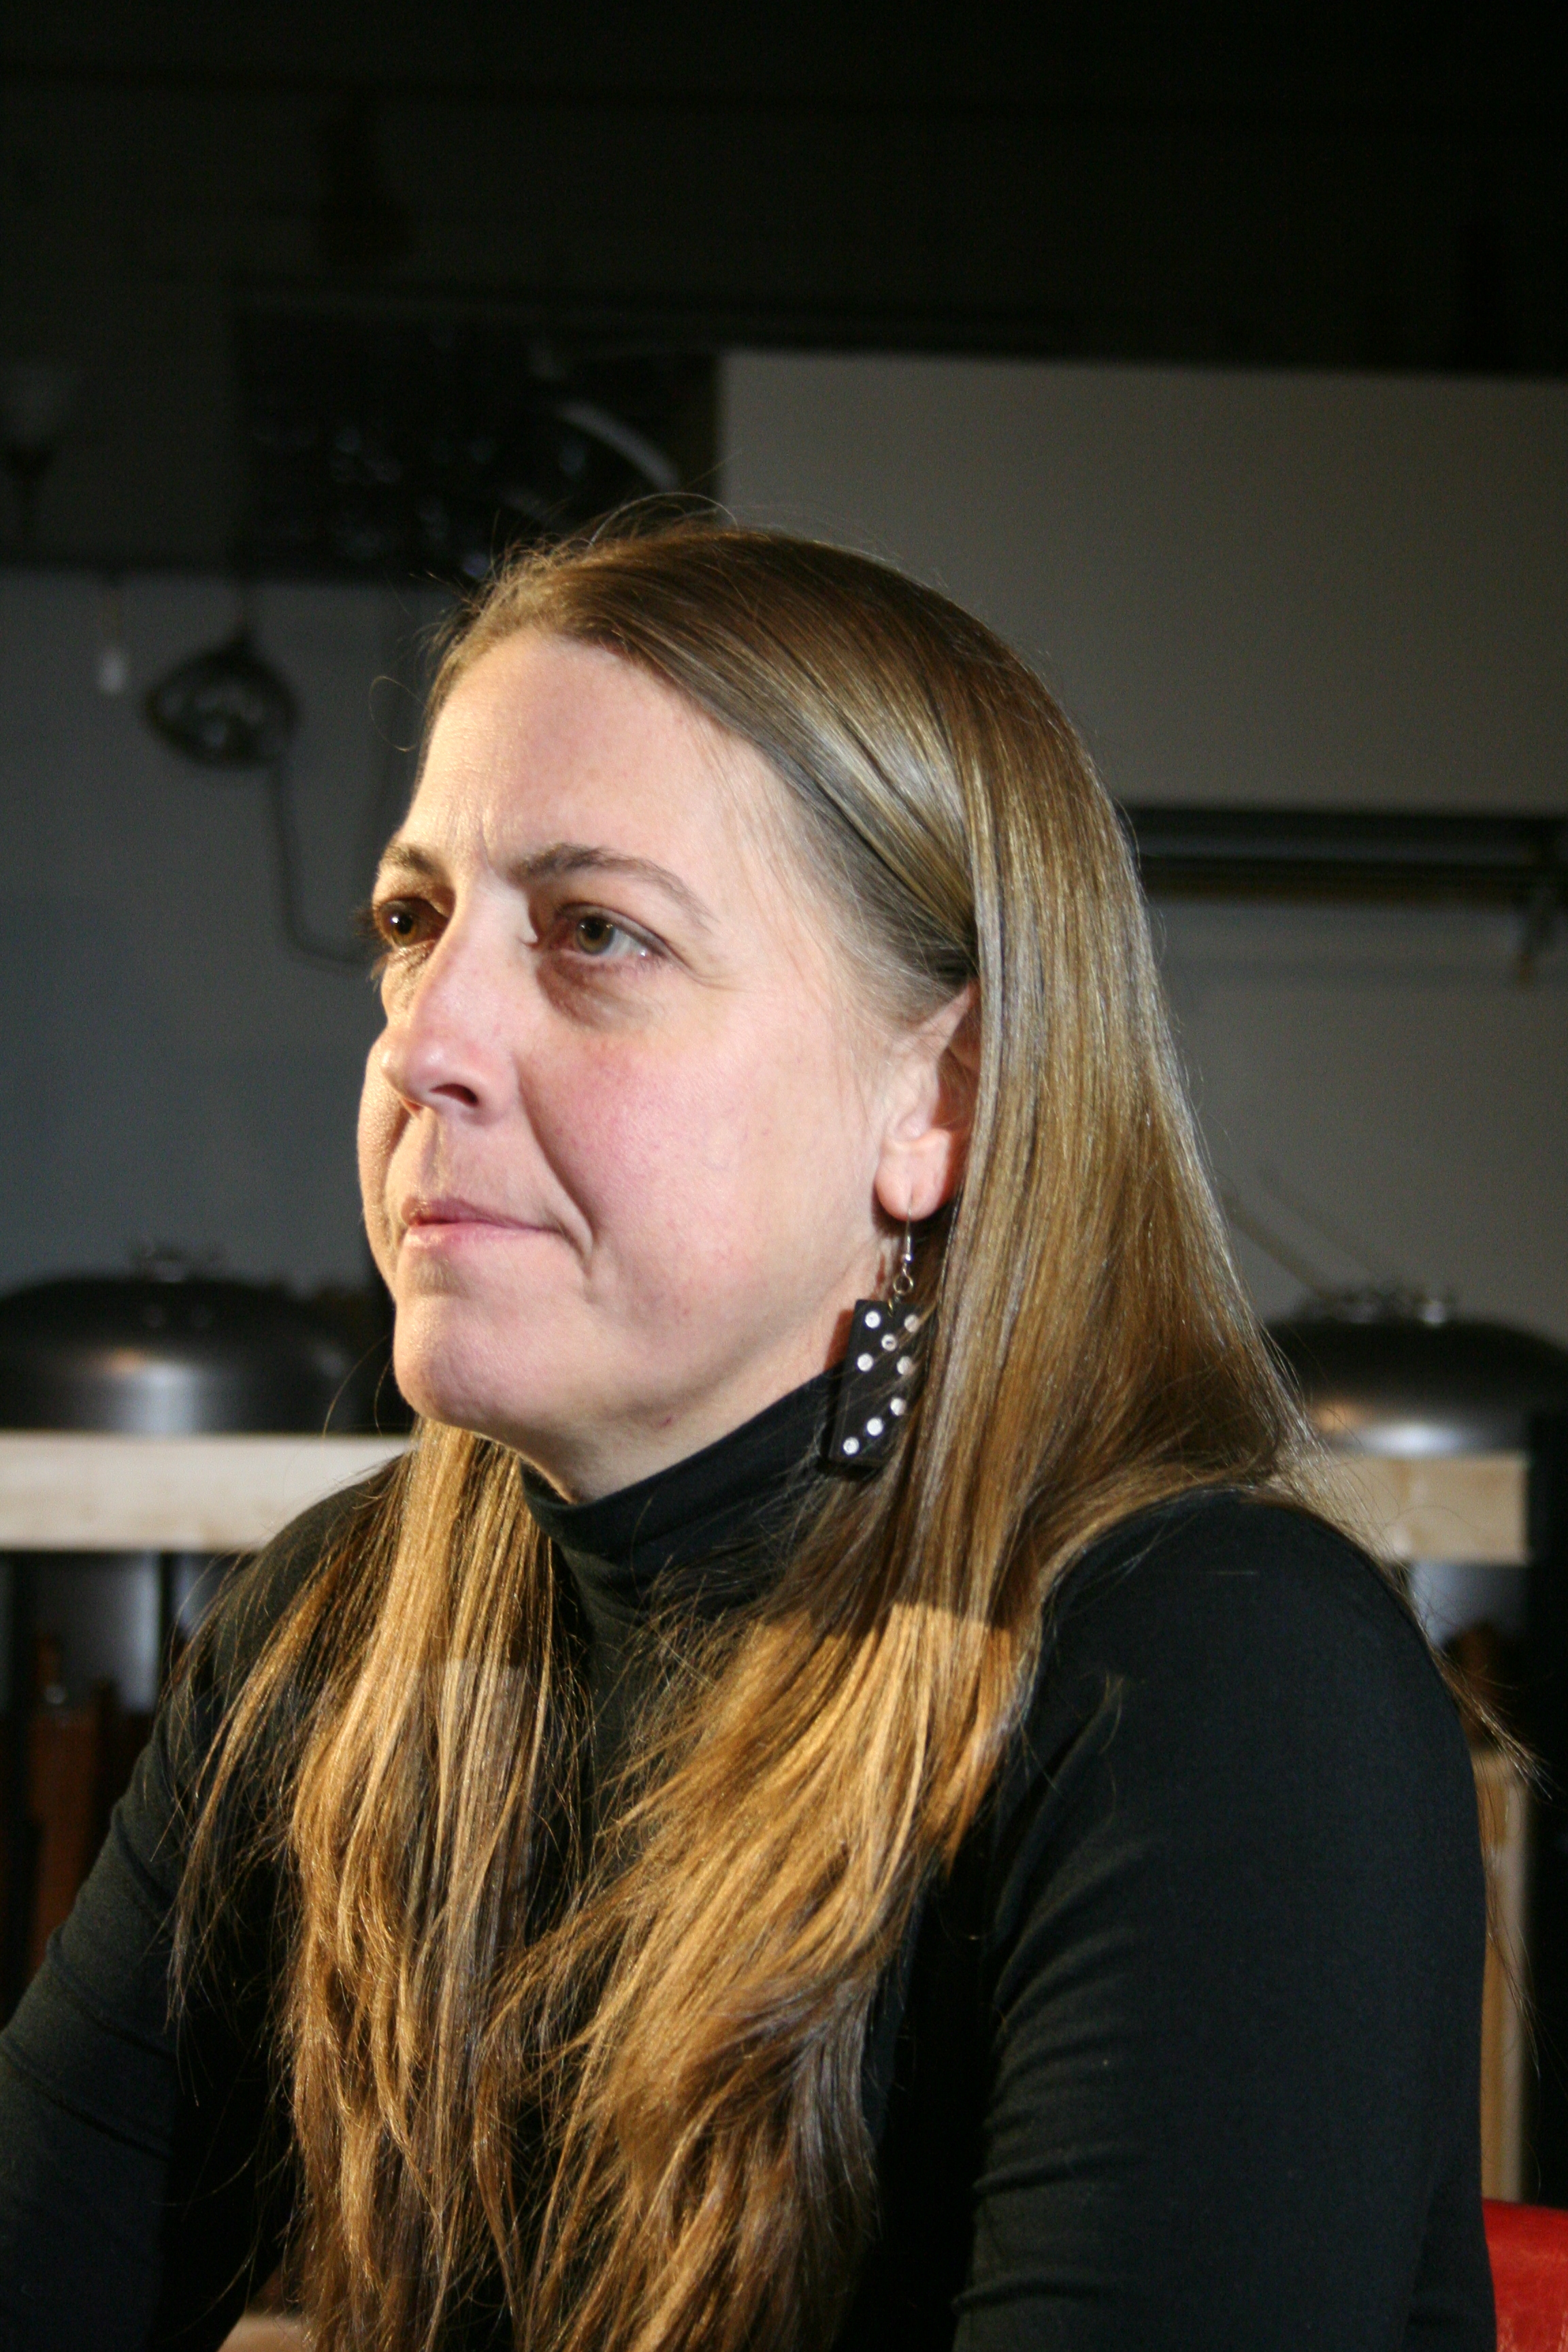 A Liz profile